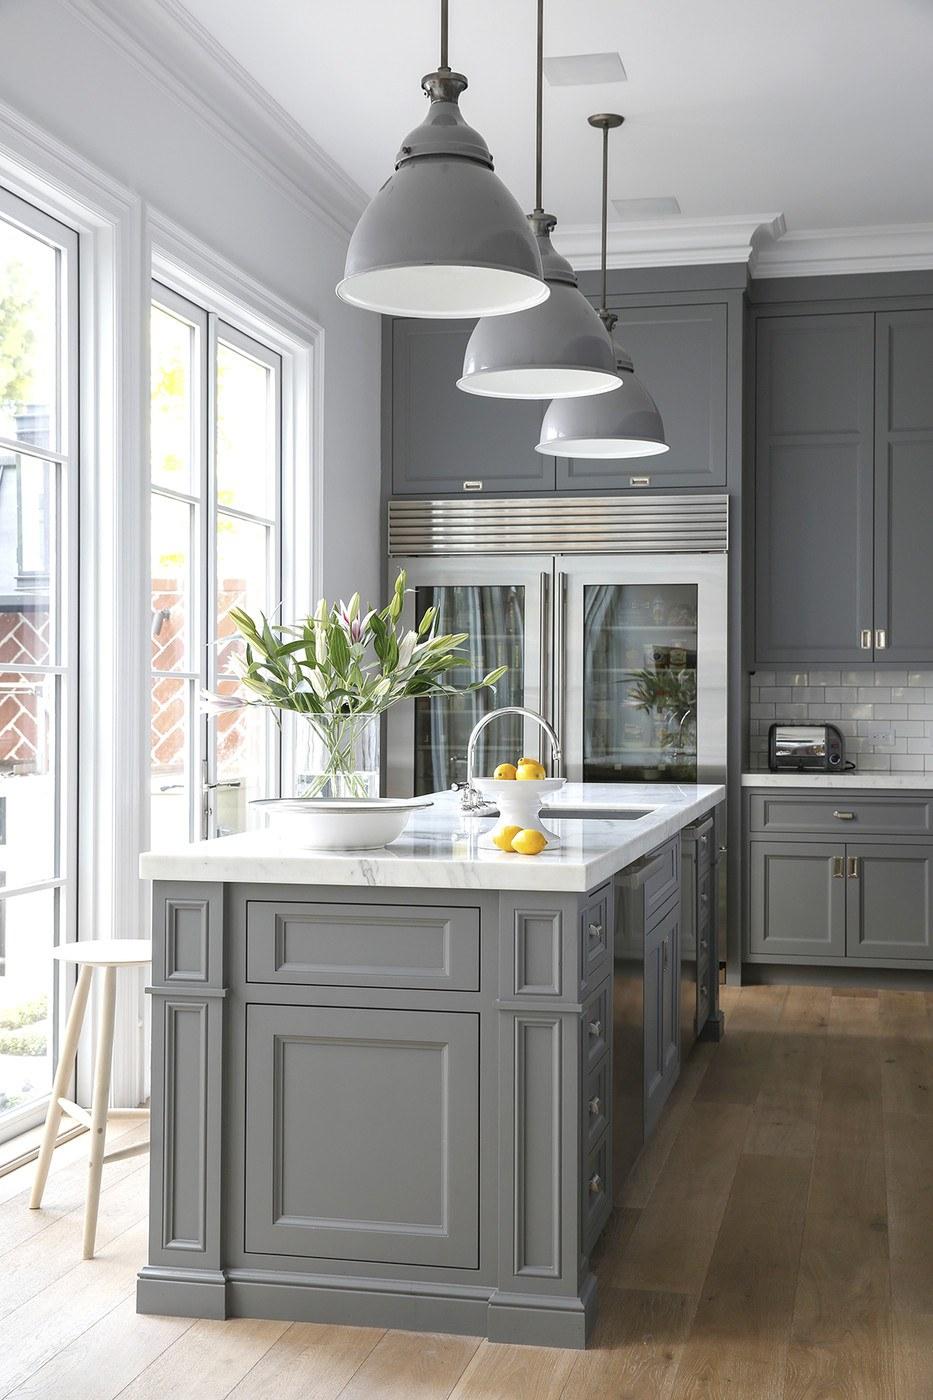 grey kitchen island suite deals 50 inspiring ideas designs pictures homelovr